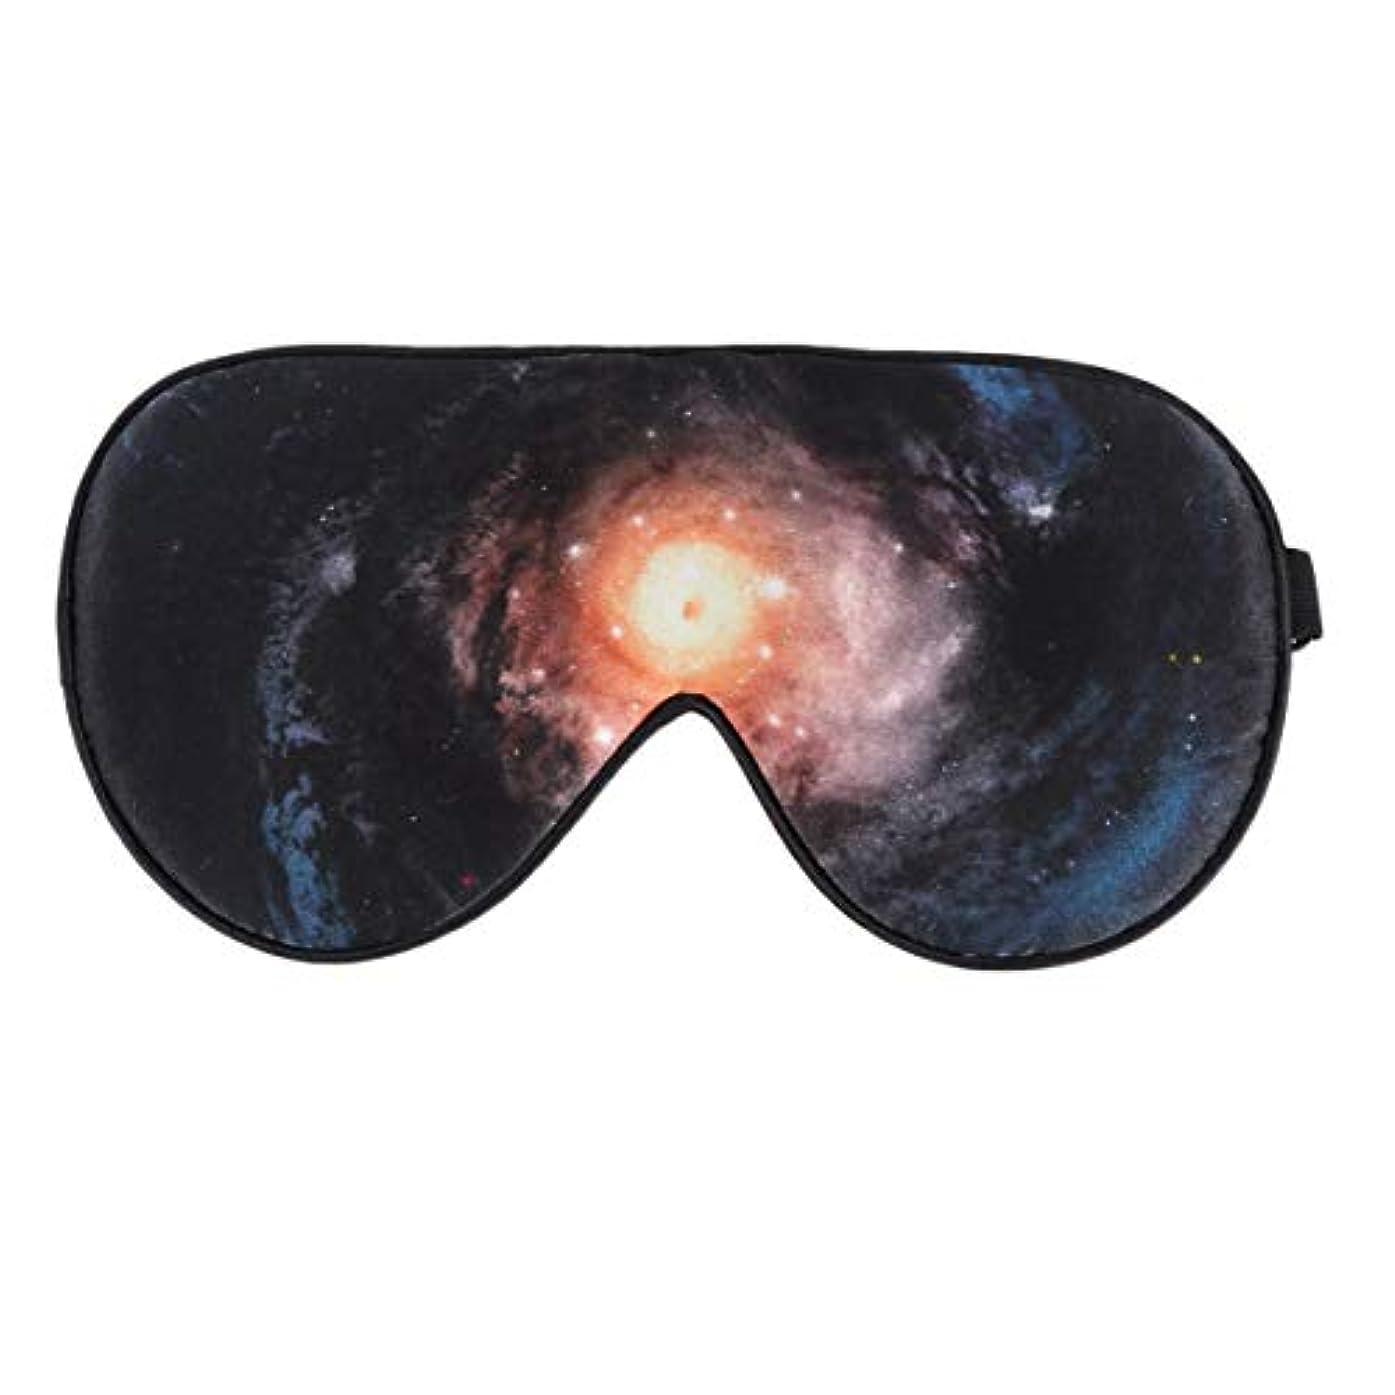 モッキンバードコカインバケットHealifty 睡眠アイマスクソフト目隠しシェーディングアイパッチ星空アイマスク仮眠睡眠旅行